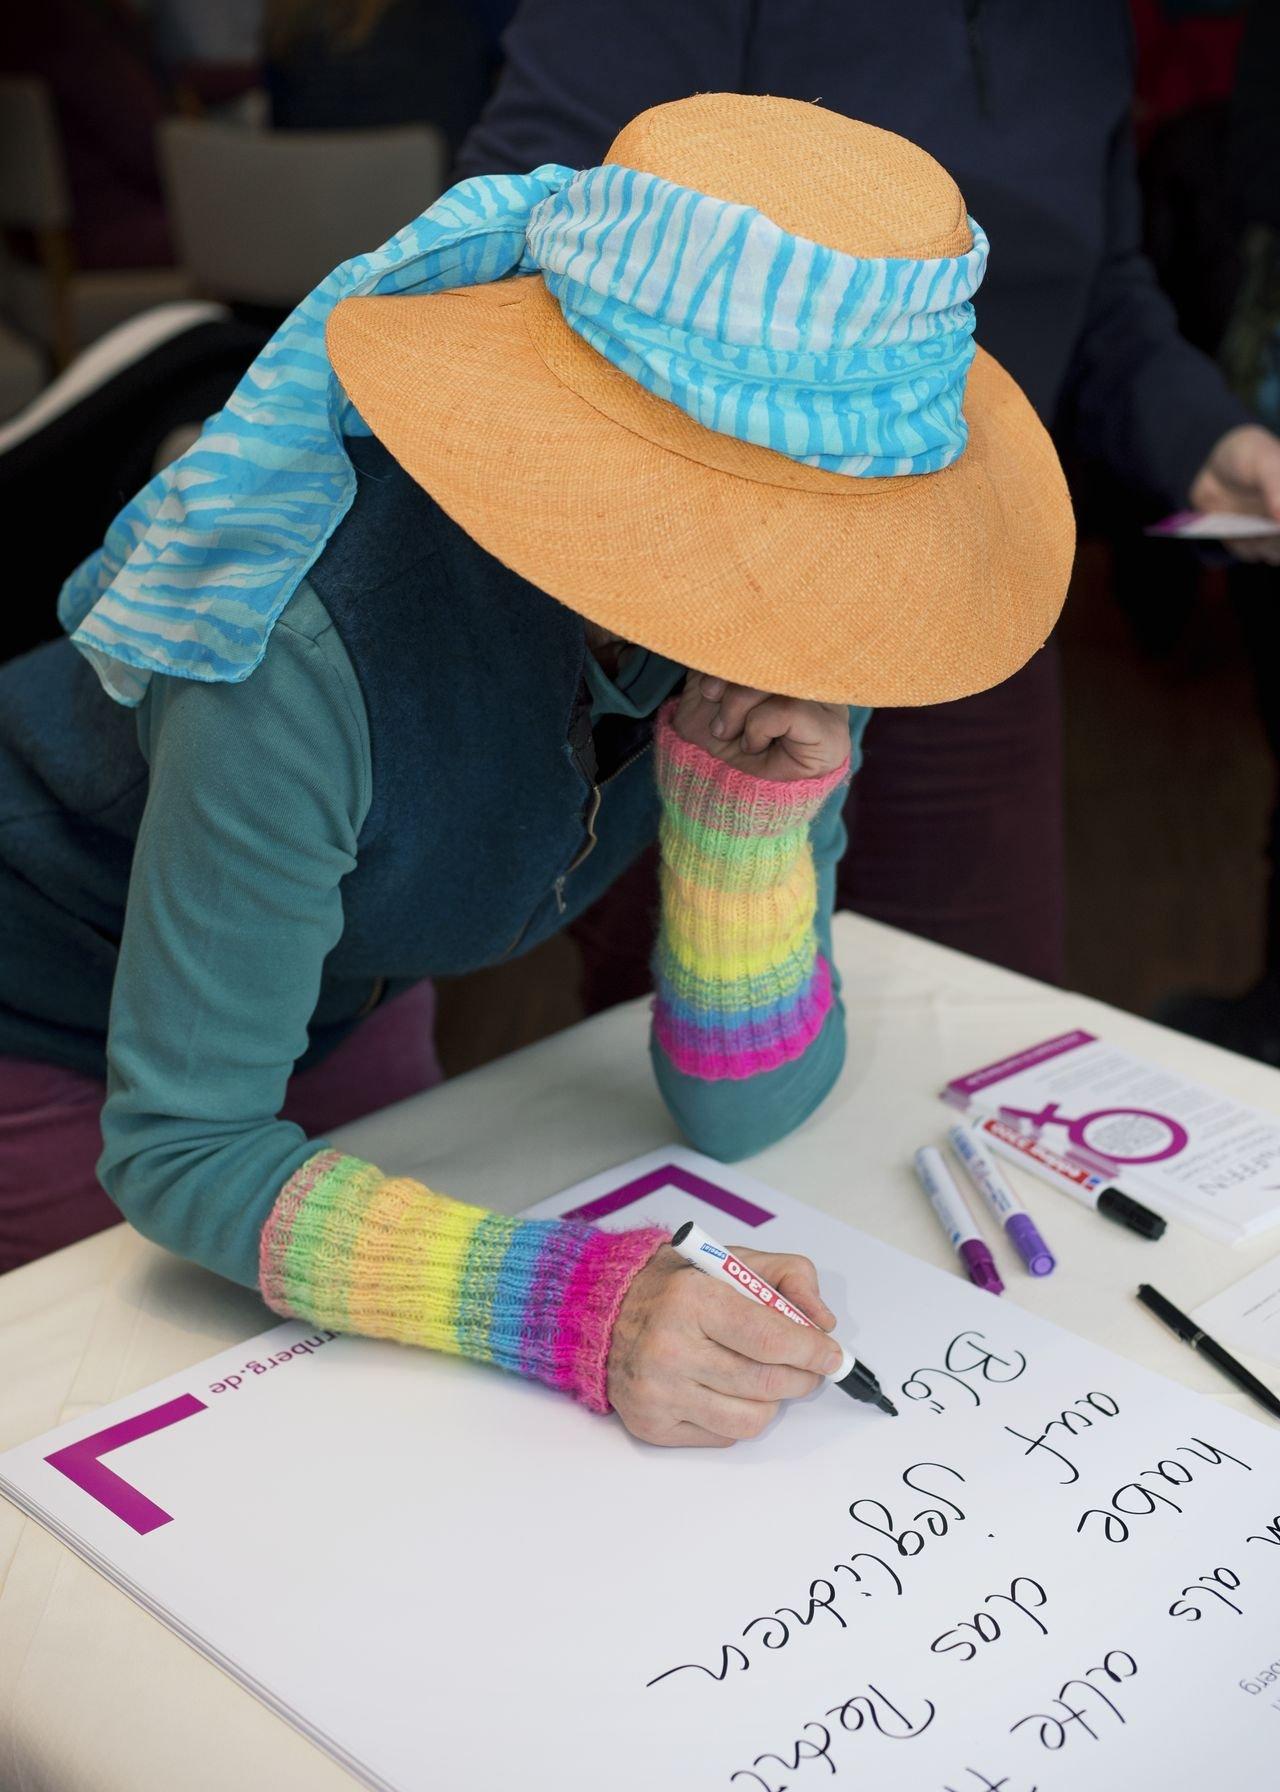 Frauen: Wahl-Recht-Freiheit - © Khrystyny Jalowa